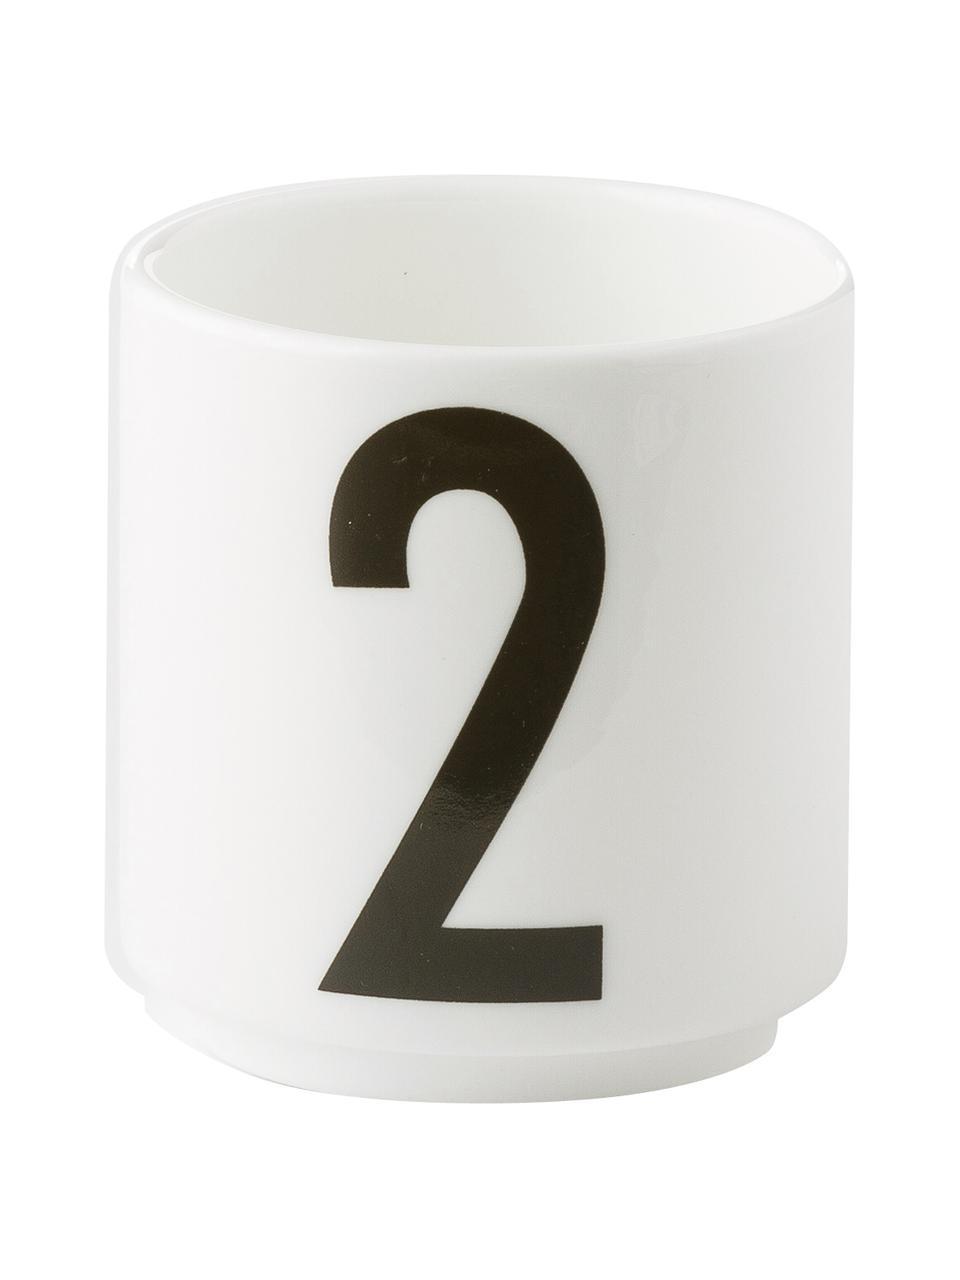 Design Espressobecher 1234 mit Zahlen, 4er-Set, Fine Bone China (Porzellan) Fine Bone China ist ein Weichporzellan, das sich besonders durch seinen strahlenden, durchscheinenden Glanz auszeichnet., Weiß, Schwarz, Ø 5 x H 6 cm